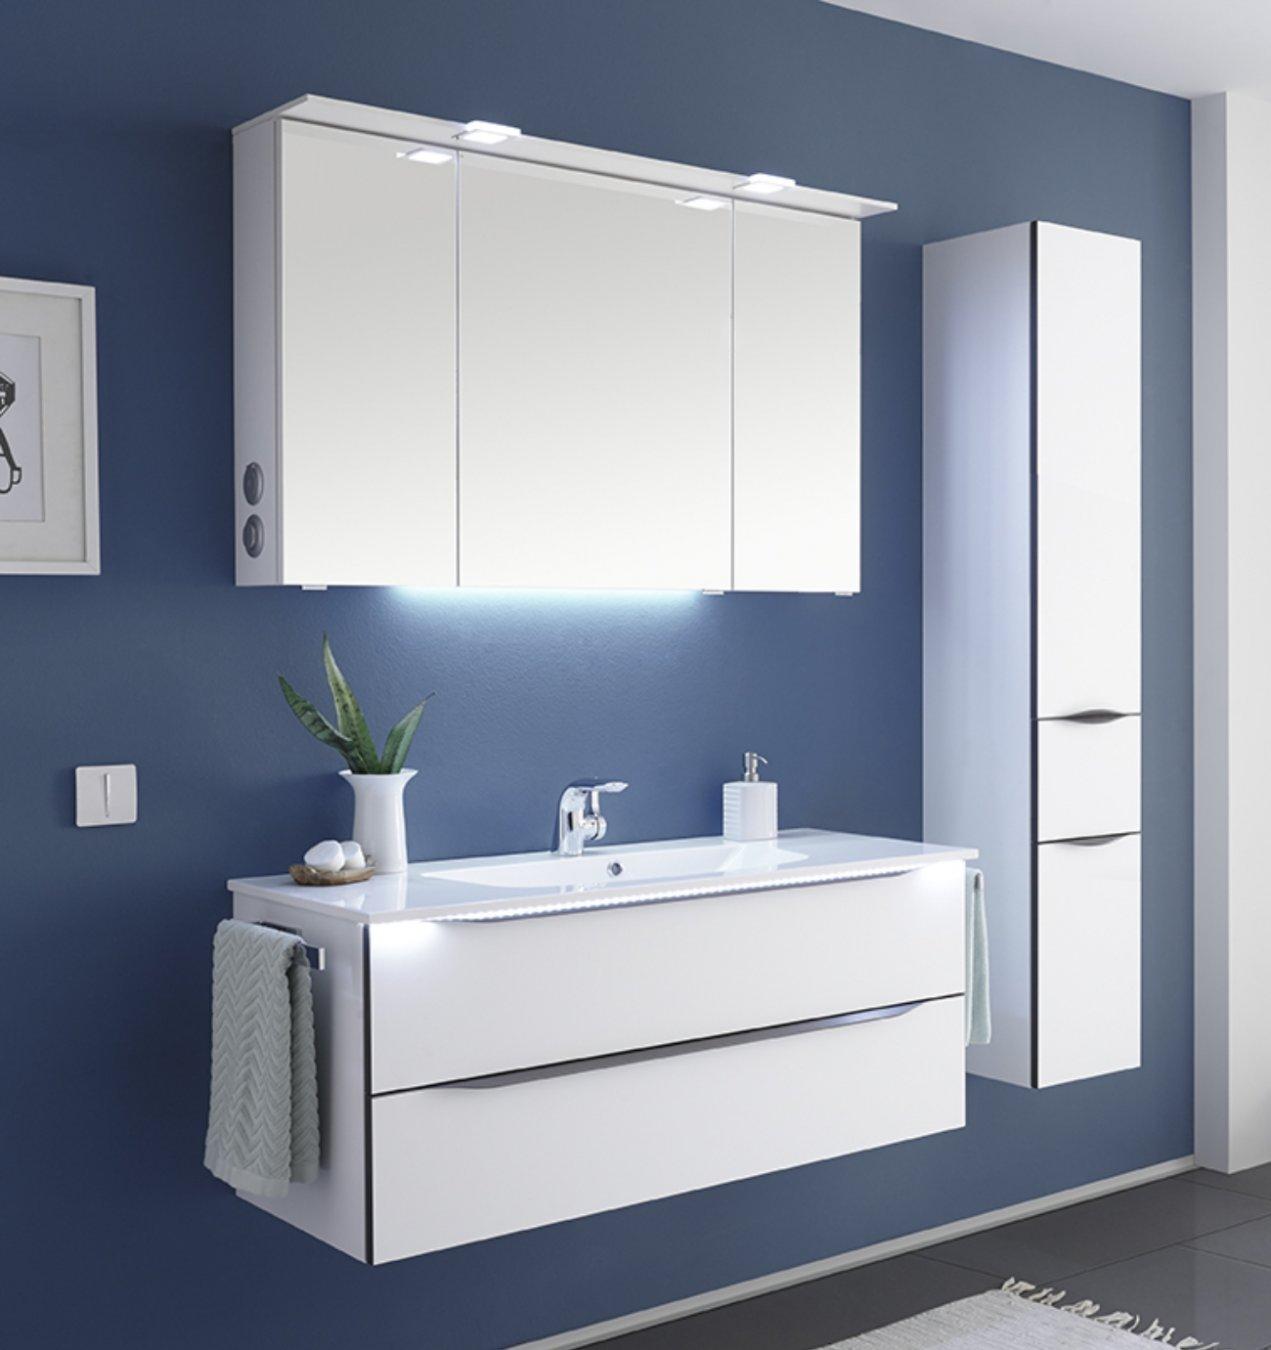 pelipal solitaire 6025 set 117 cm modern. Black Bedroom Furniture Sets. Home Design Ideas